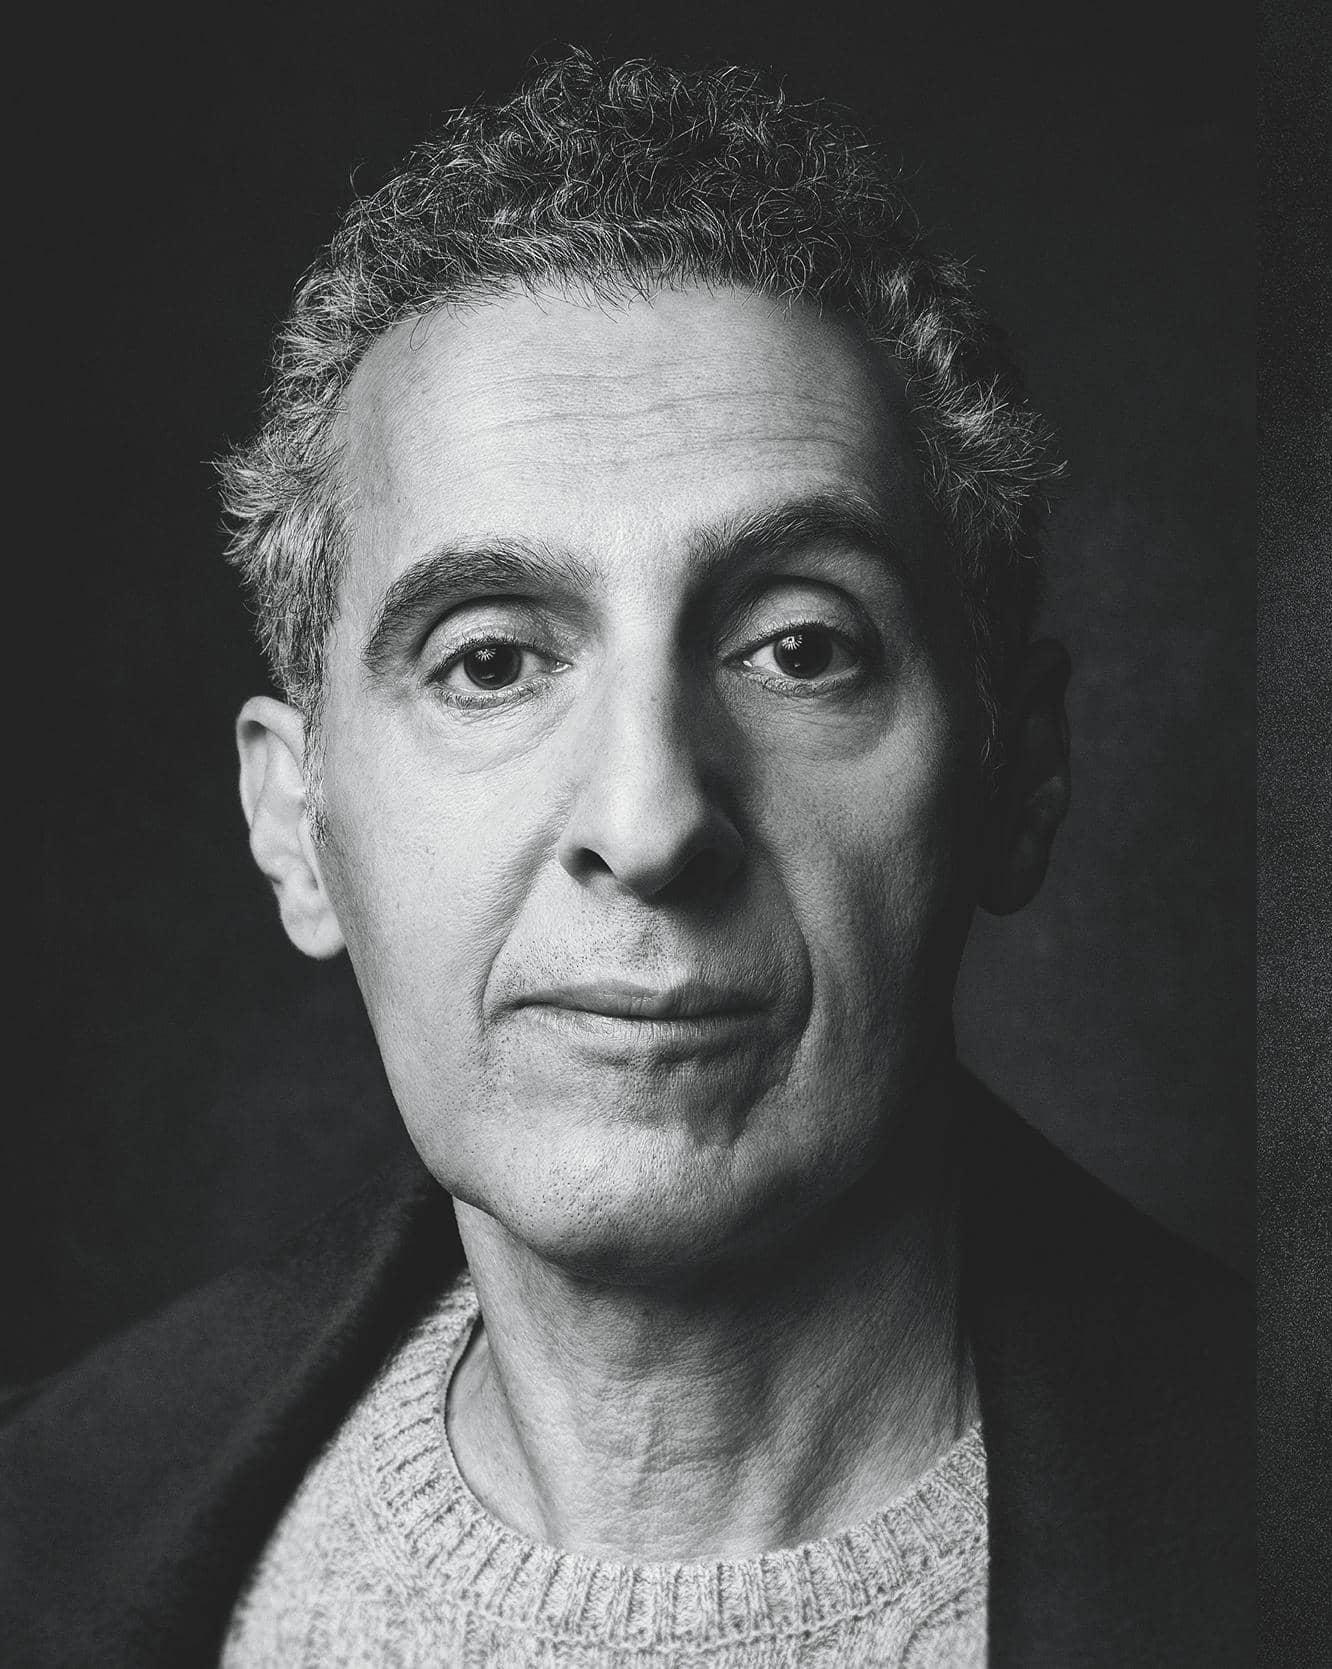 John Turturro – Man of Many Parts